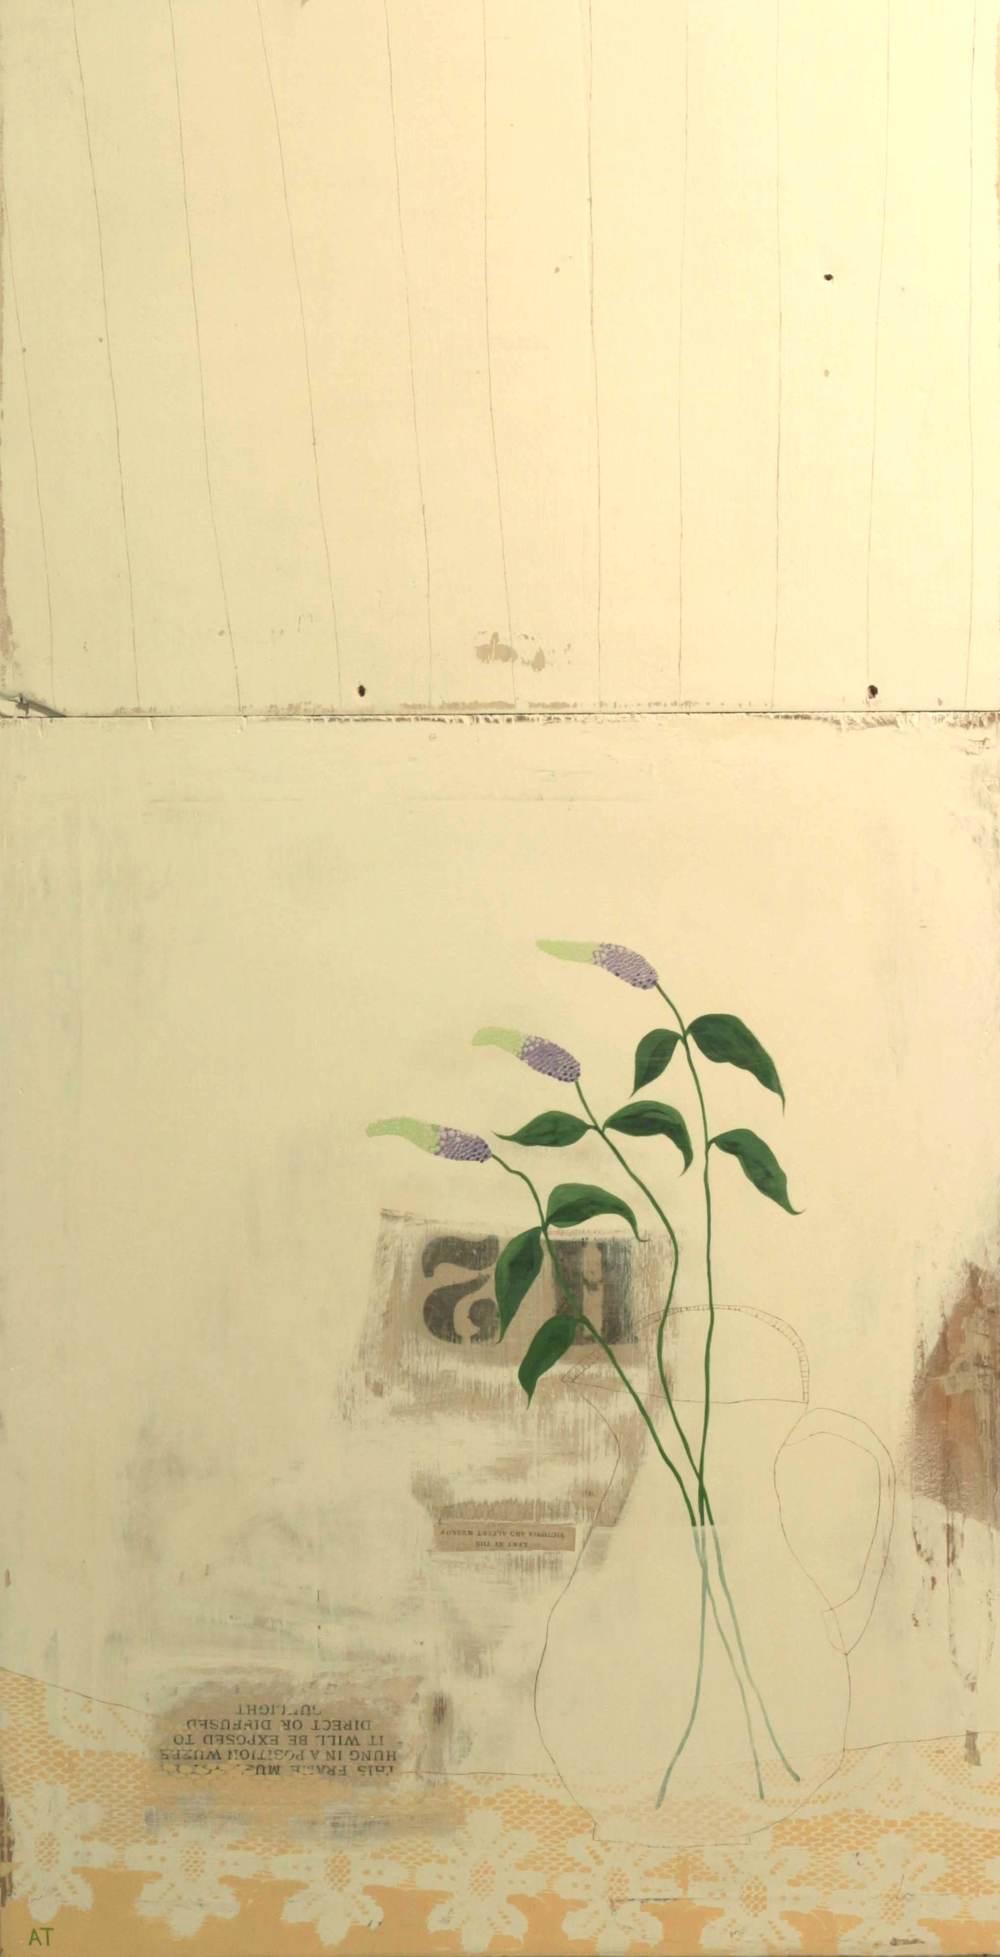 IMG_8698 crop.jpg